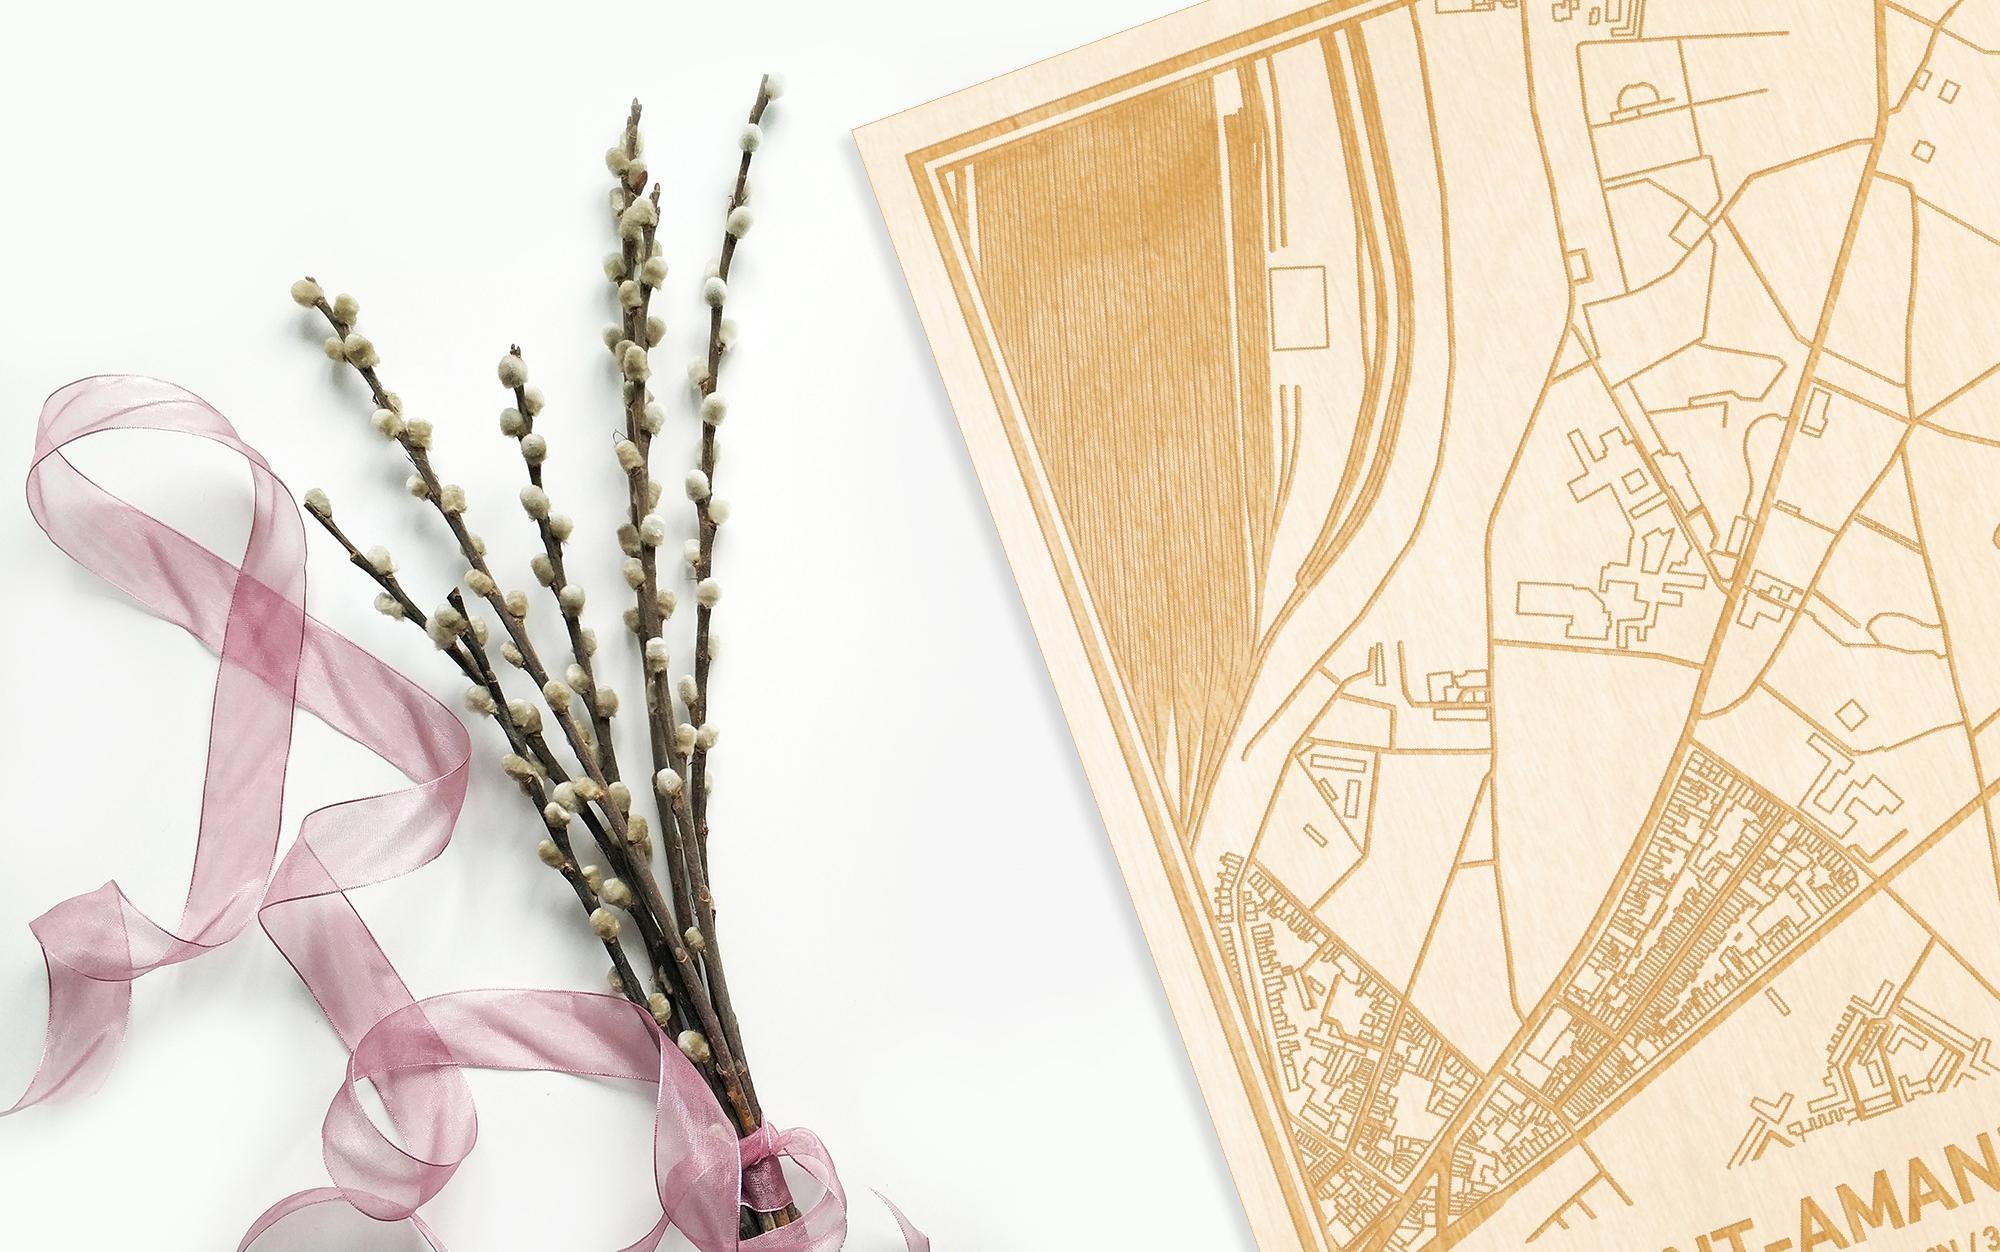 Hier ligt de houten plattegrond Sint-Amandsberg naast een bloemetje als gepersonaliseerd cadeau voor haar.